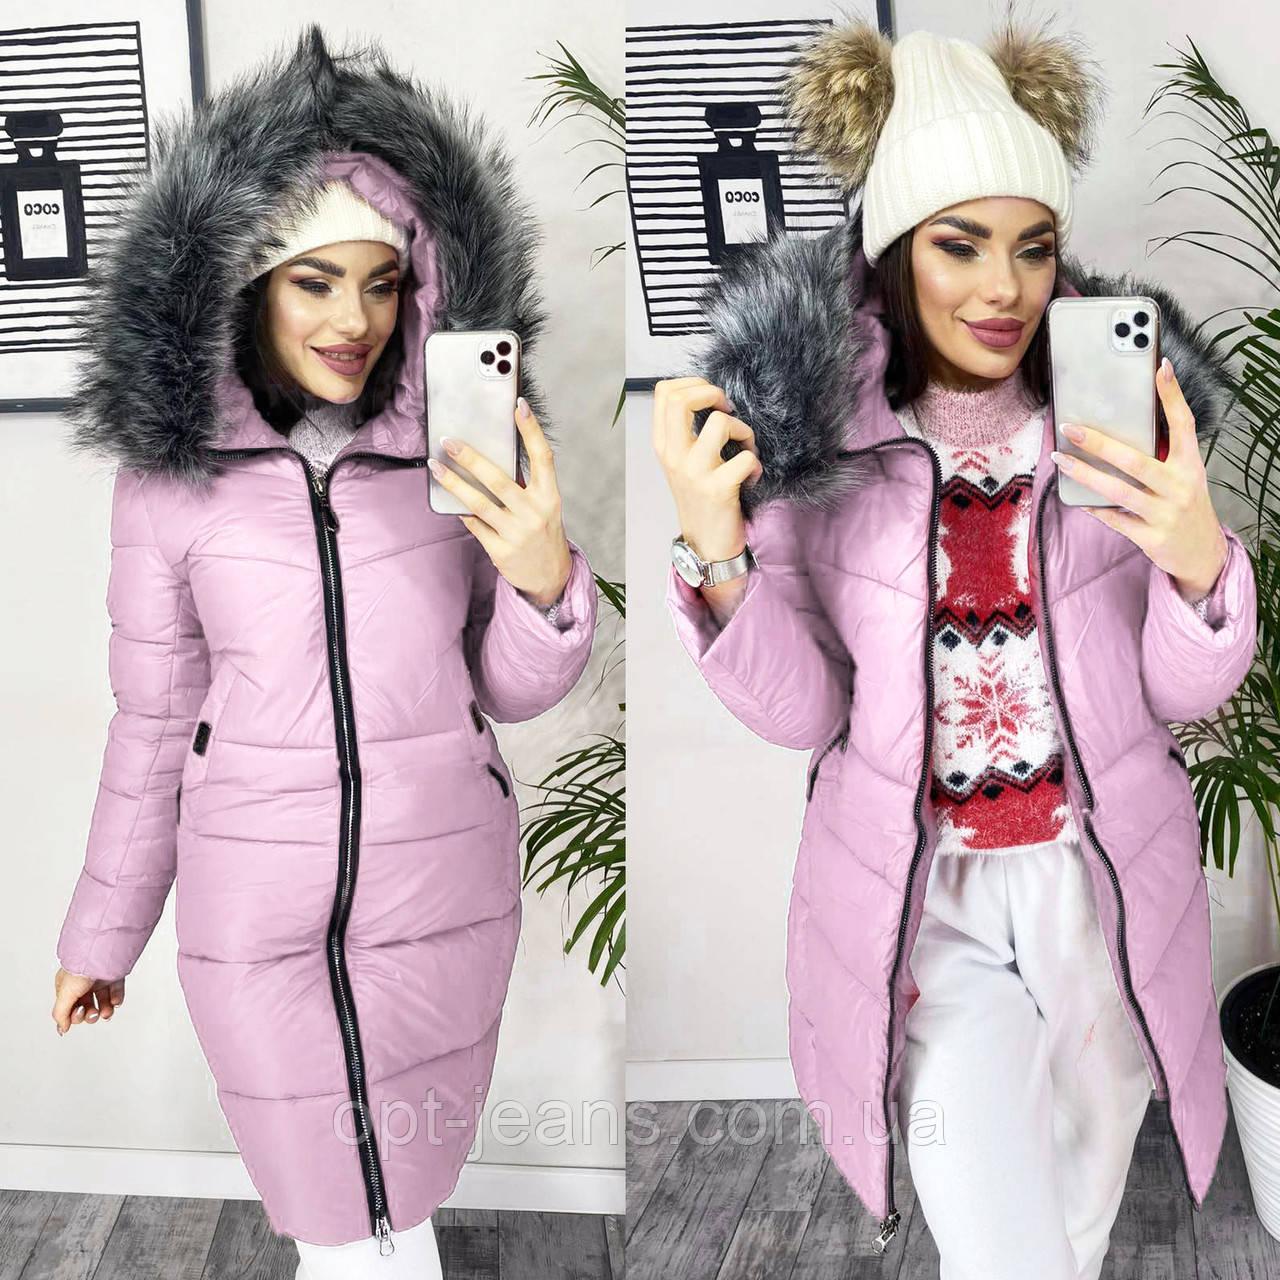 7818 розовая X куртка женская зимняя (S-XL, 4 ед.)